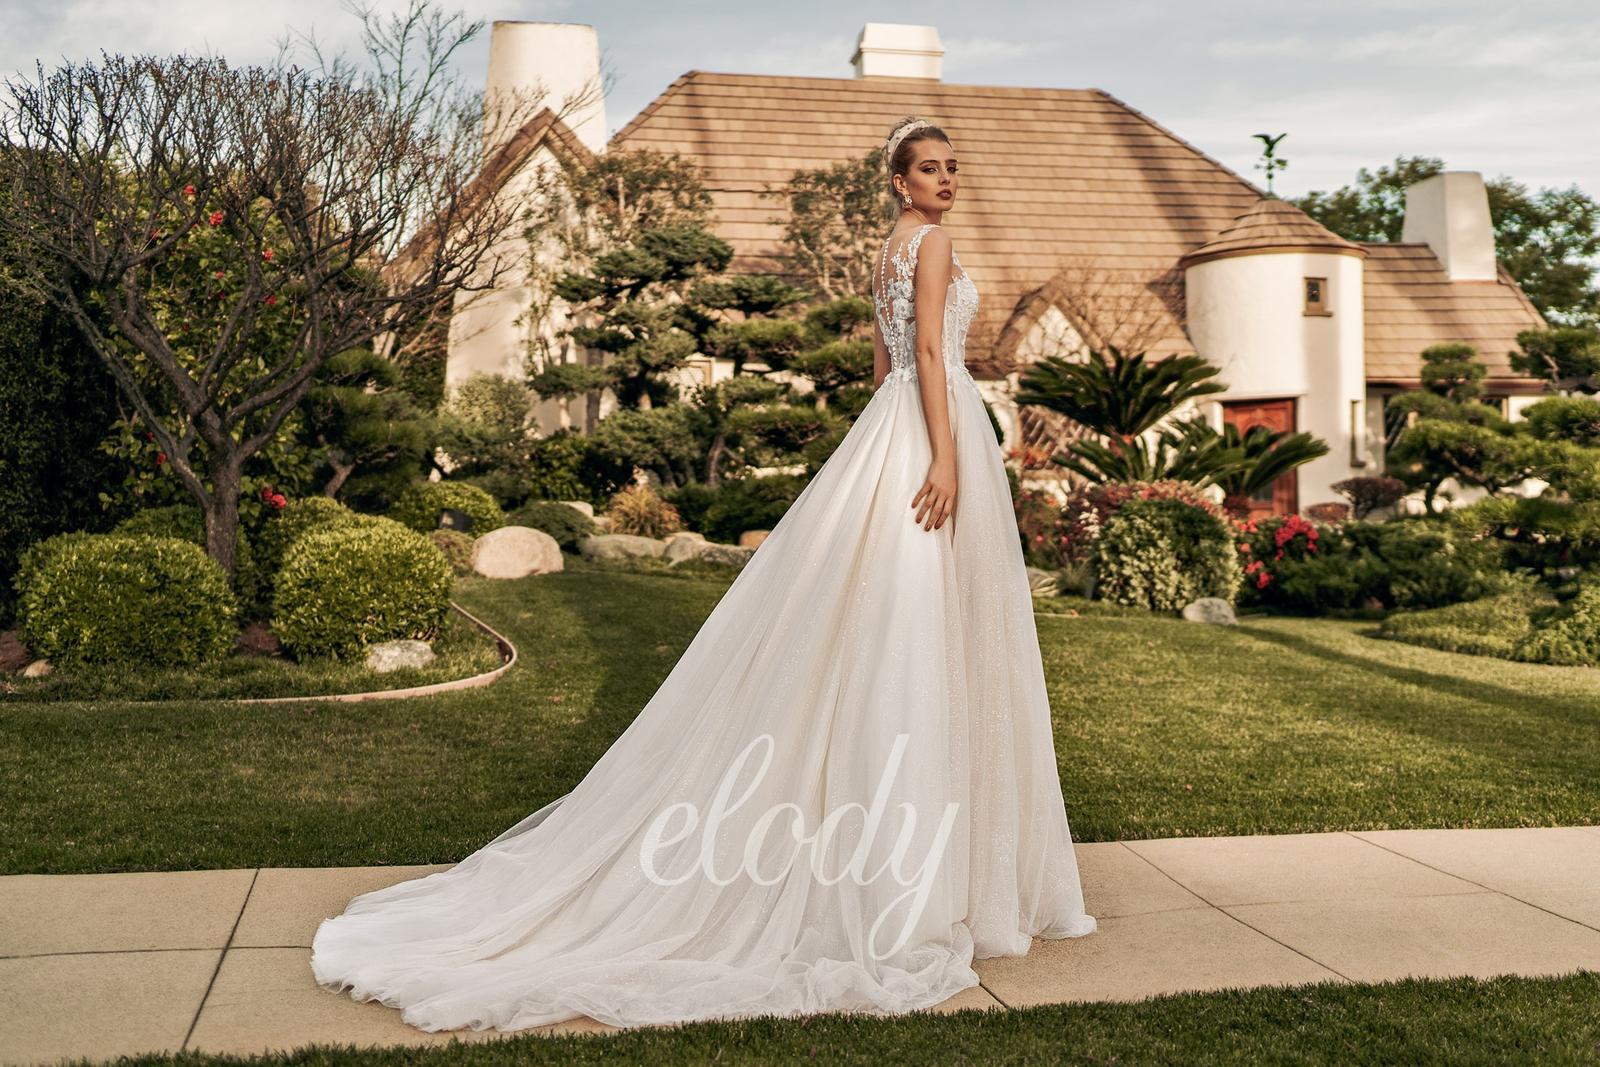 Svatební šaty Elody model 105 Linda vel. 32-34 (XS) - Obrázek č. 3